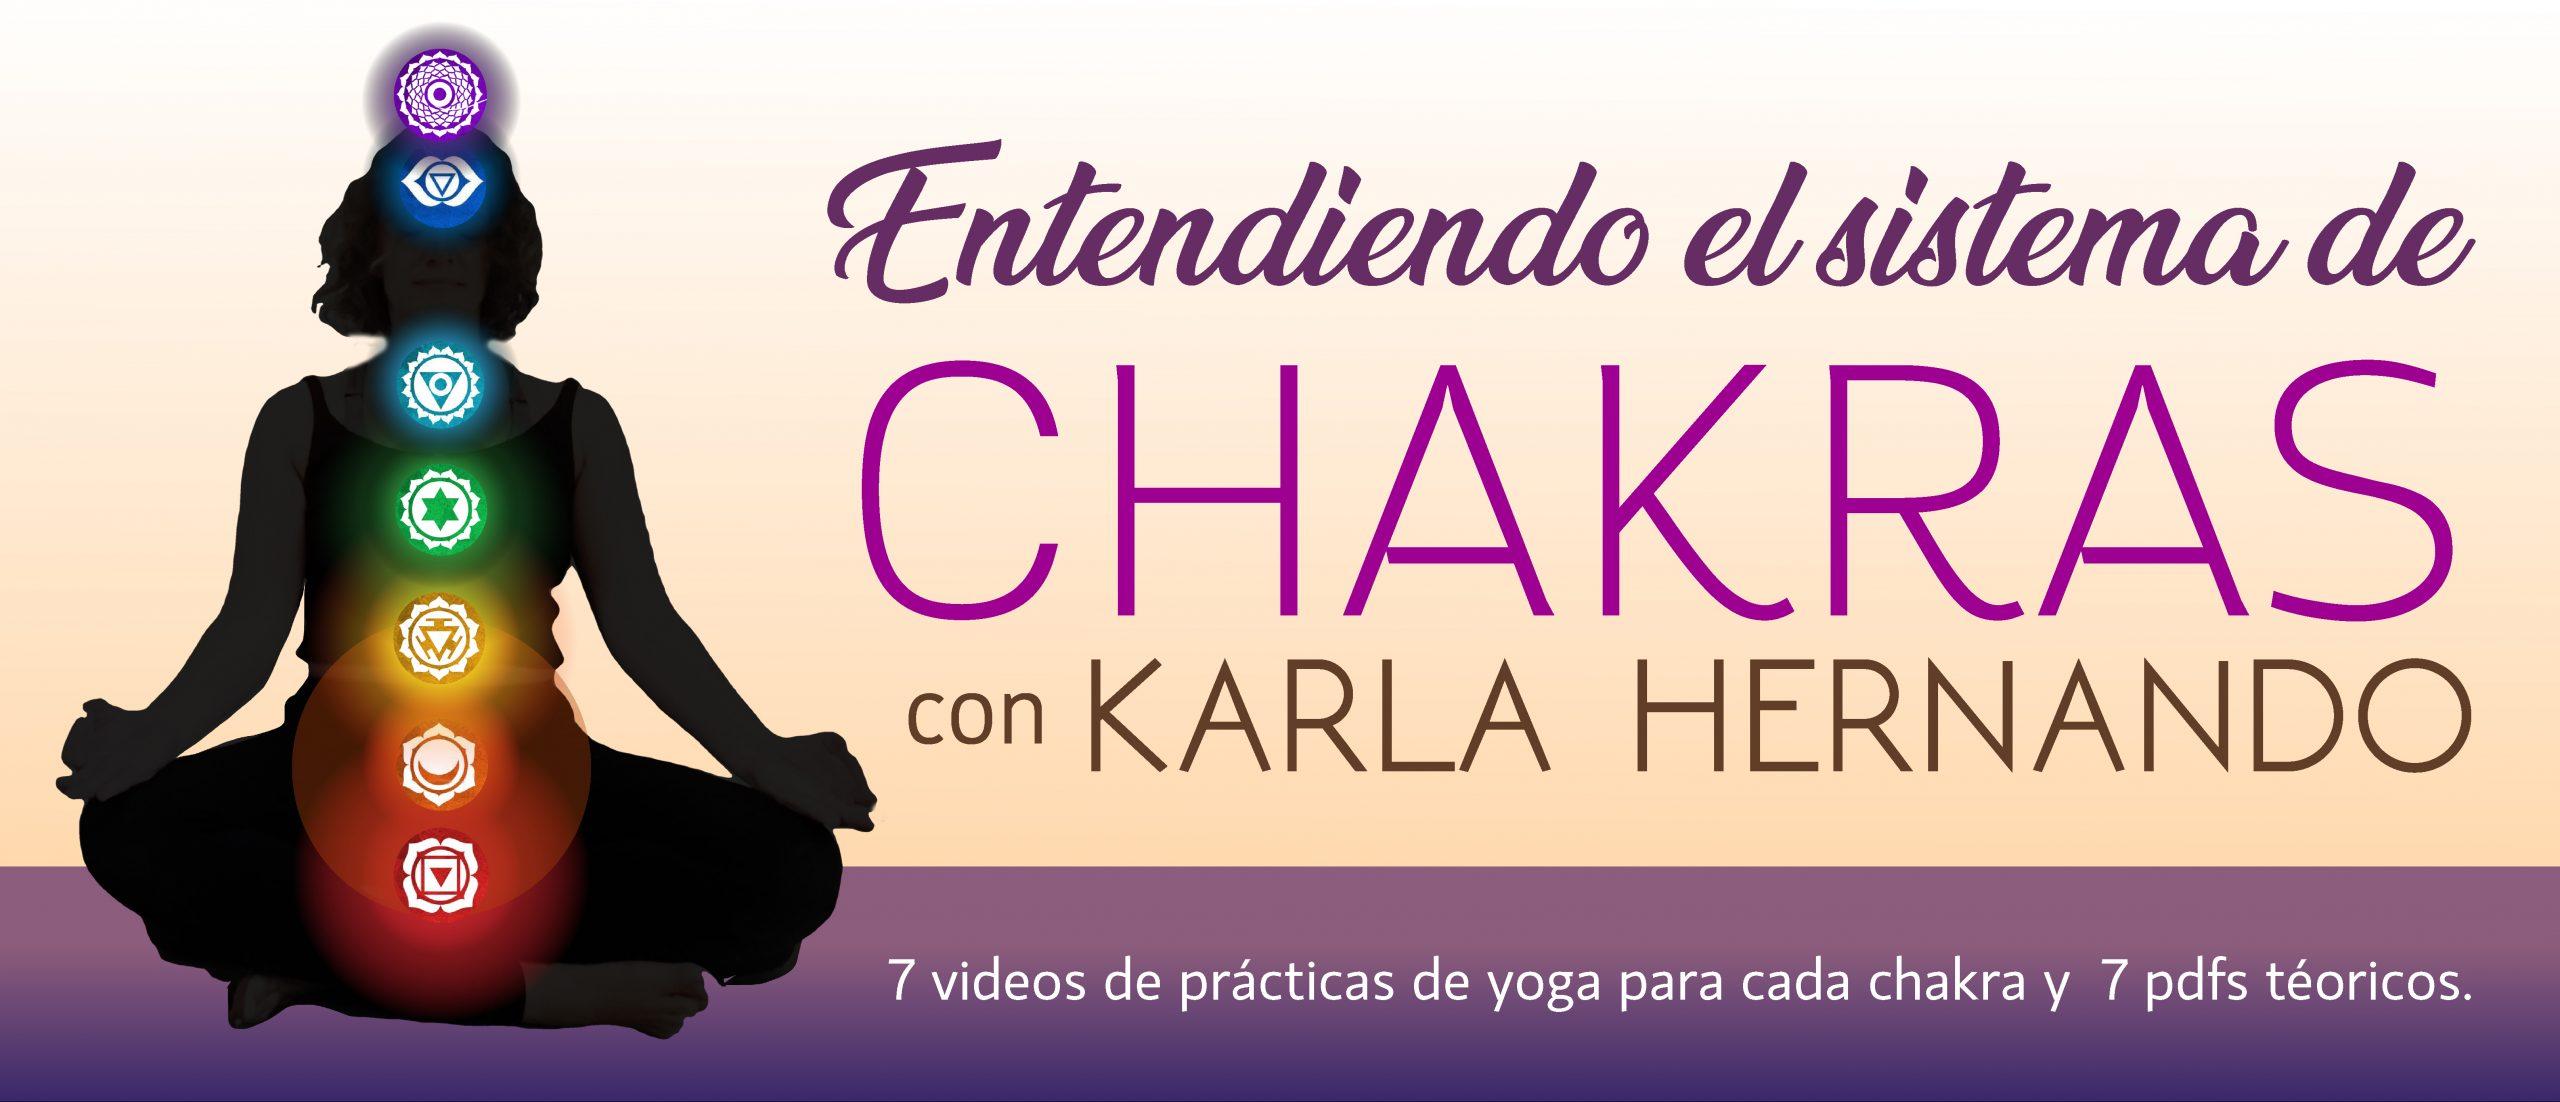 Entendiendo el sistema de chakras